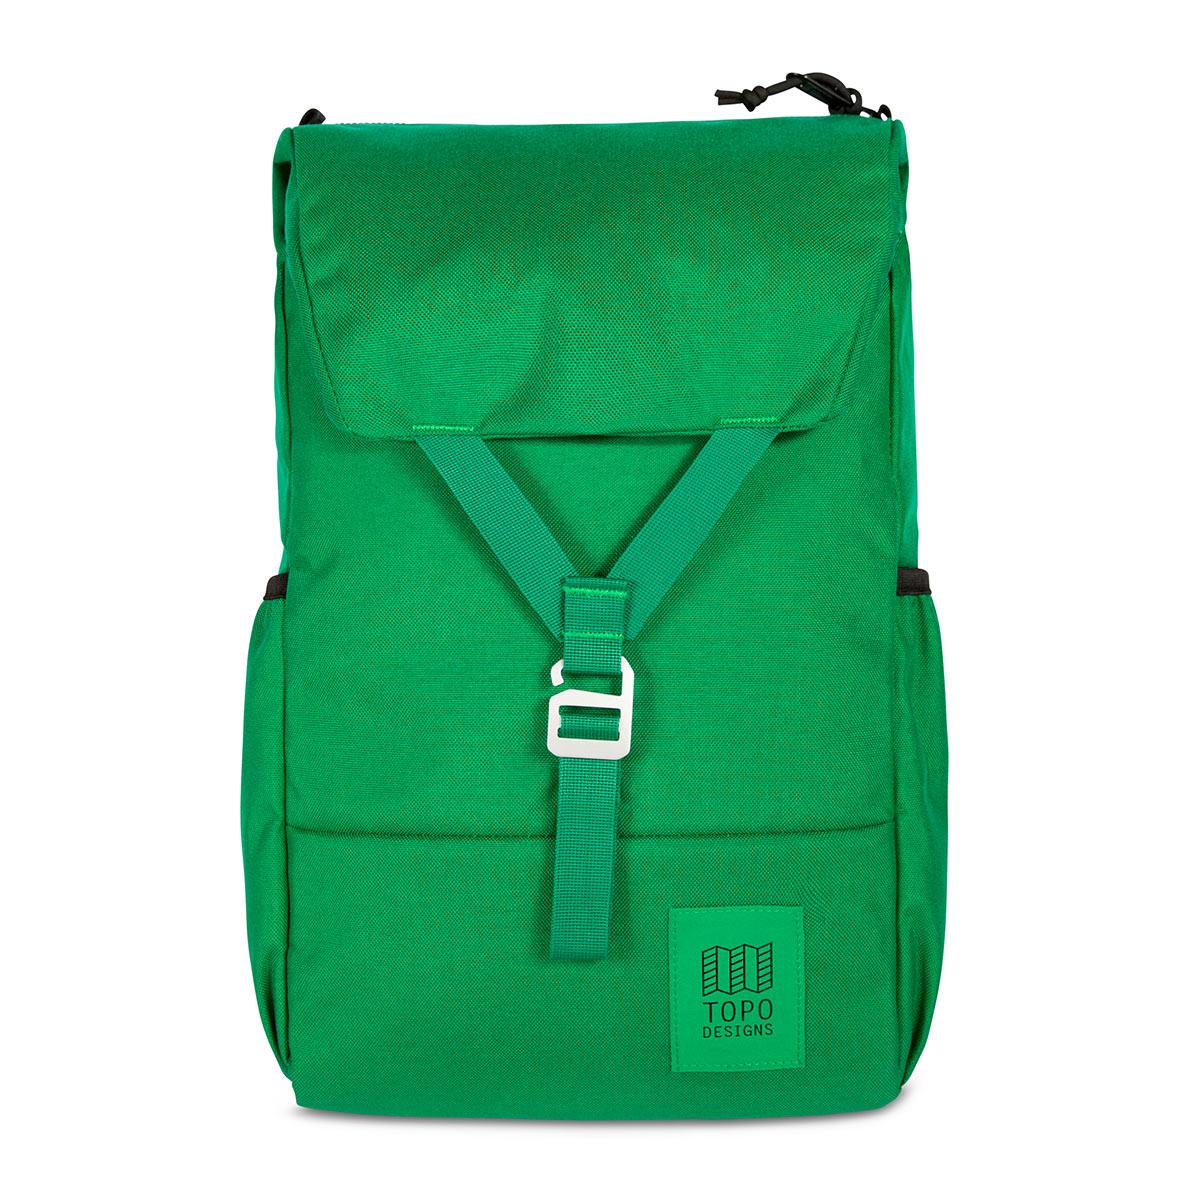 Topo Designs Y-Pack Green/Green, klassischen Stil und moderne Funktionalität